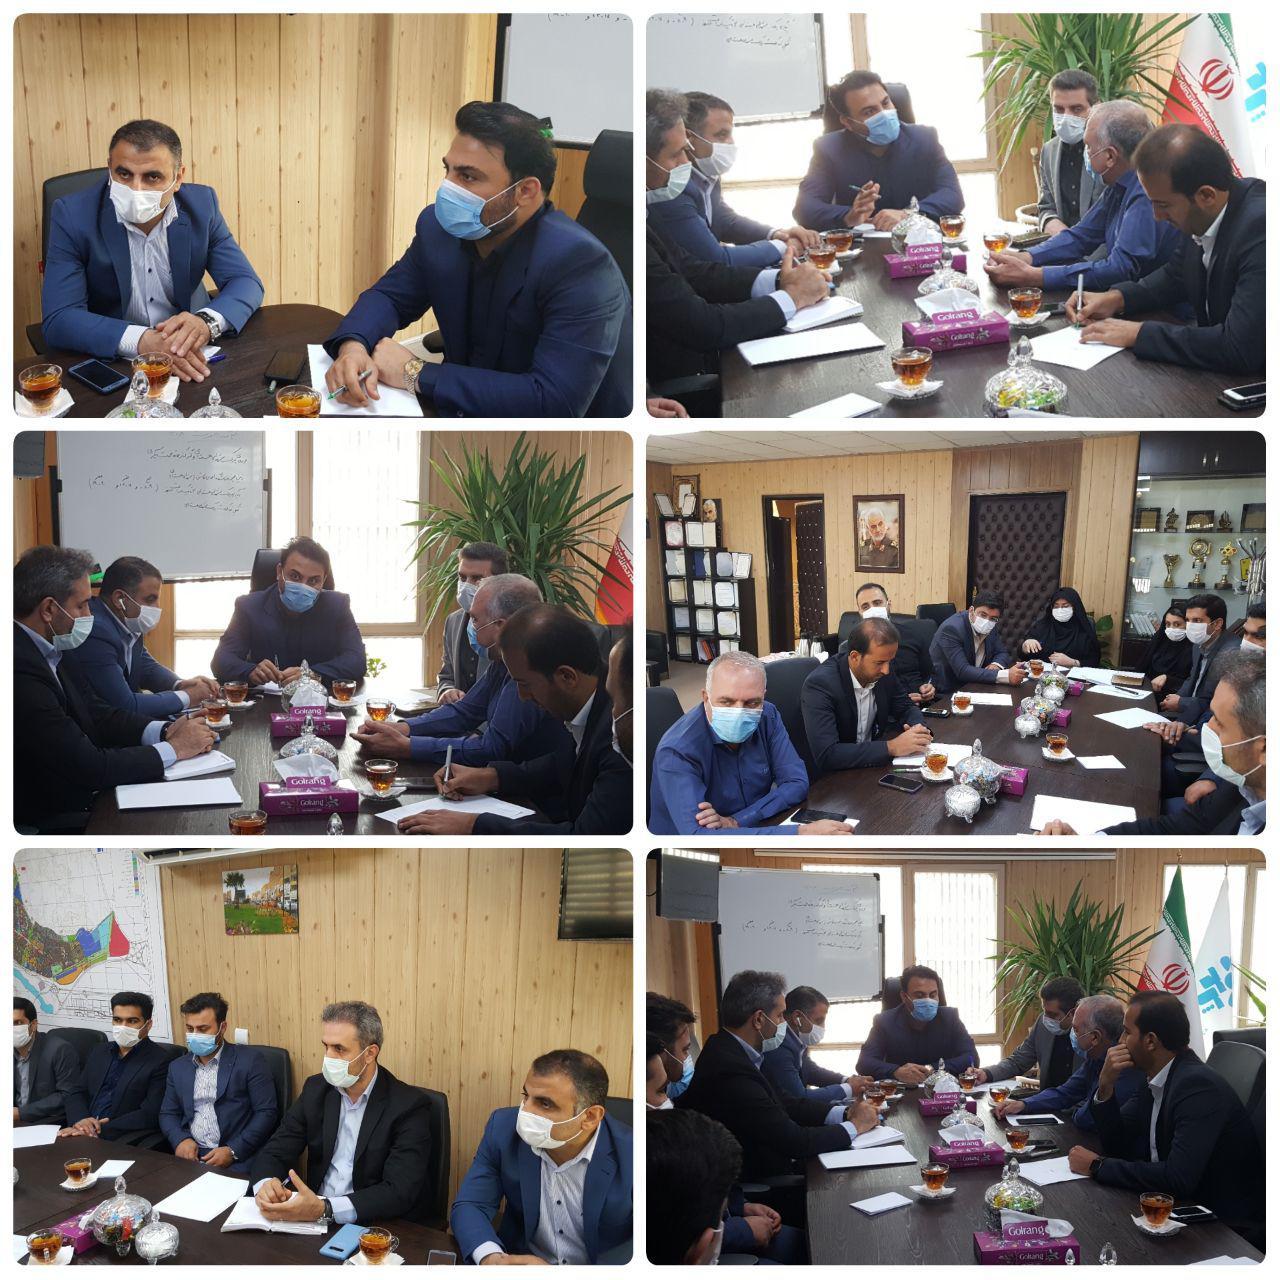 جلسه شورای معاونین شهرداری پرند برگزار شد / تاکید مهندس عرب بر خدمات رسانی شایسته به شهروندان